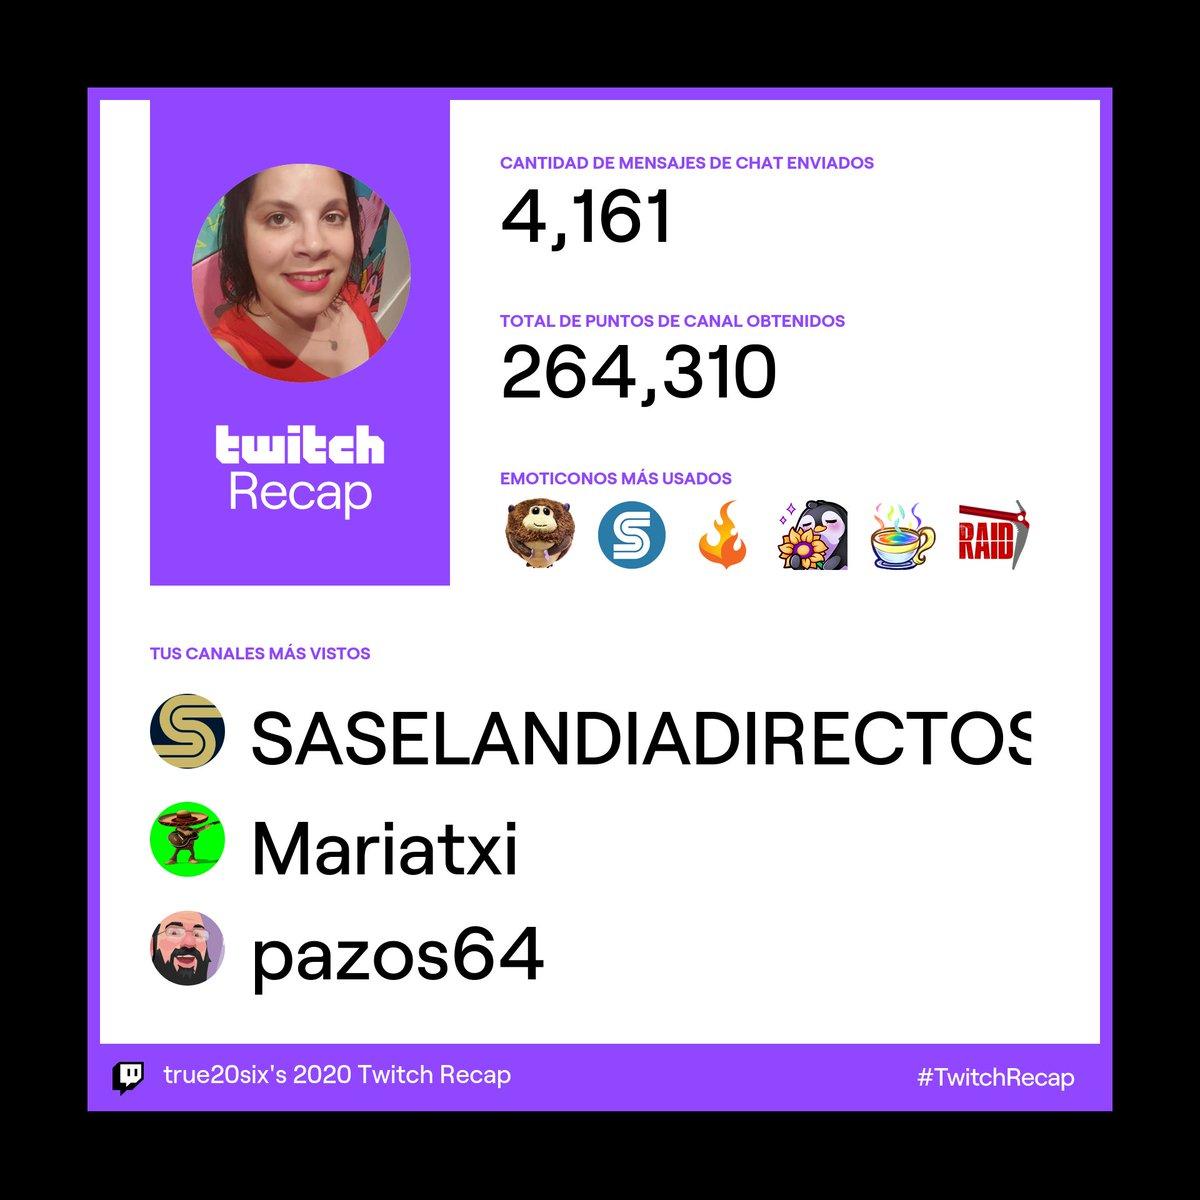 Estos son los canales de @TwitchES  que más he visto en 2020: 308 horas en @Saselandia , 85 horas con @Mariatxil y en tercer lugar 81 horas con @Pazos_64 ¡Gracias! #twitch   #TwitchRecap2020 #twitchrecap